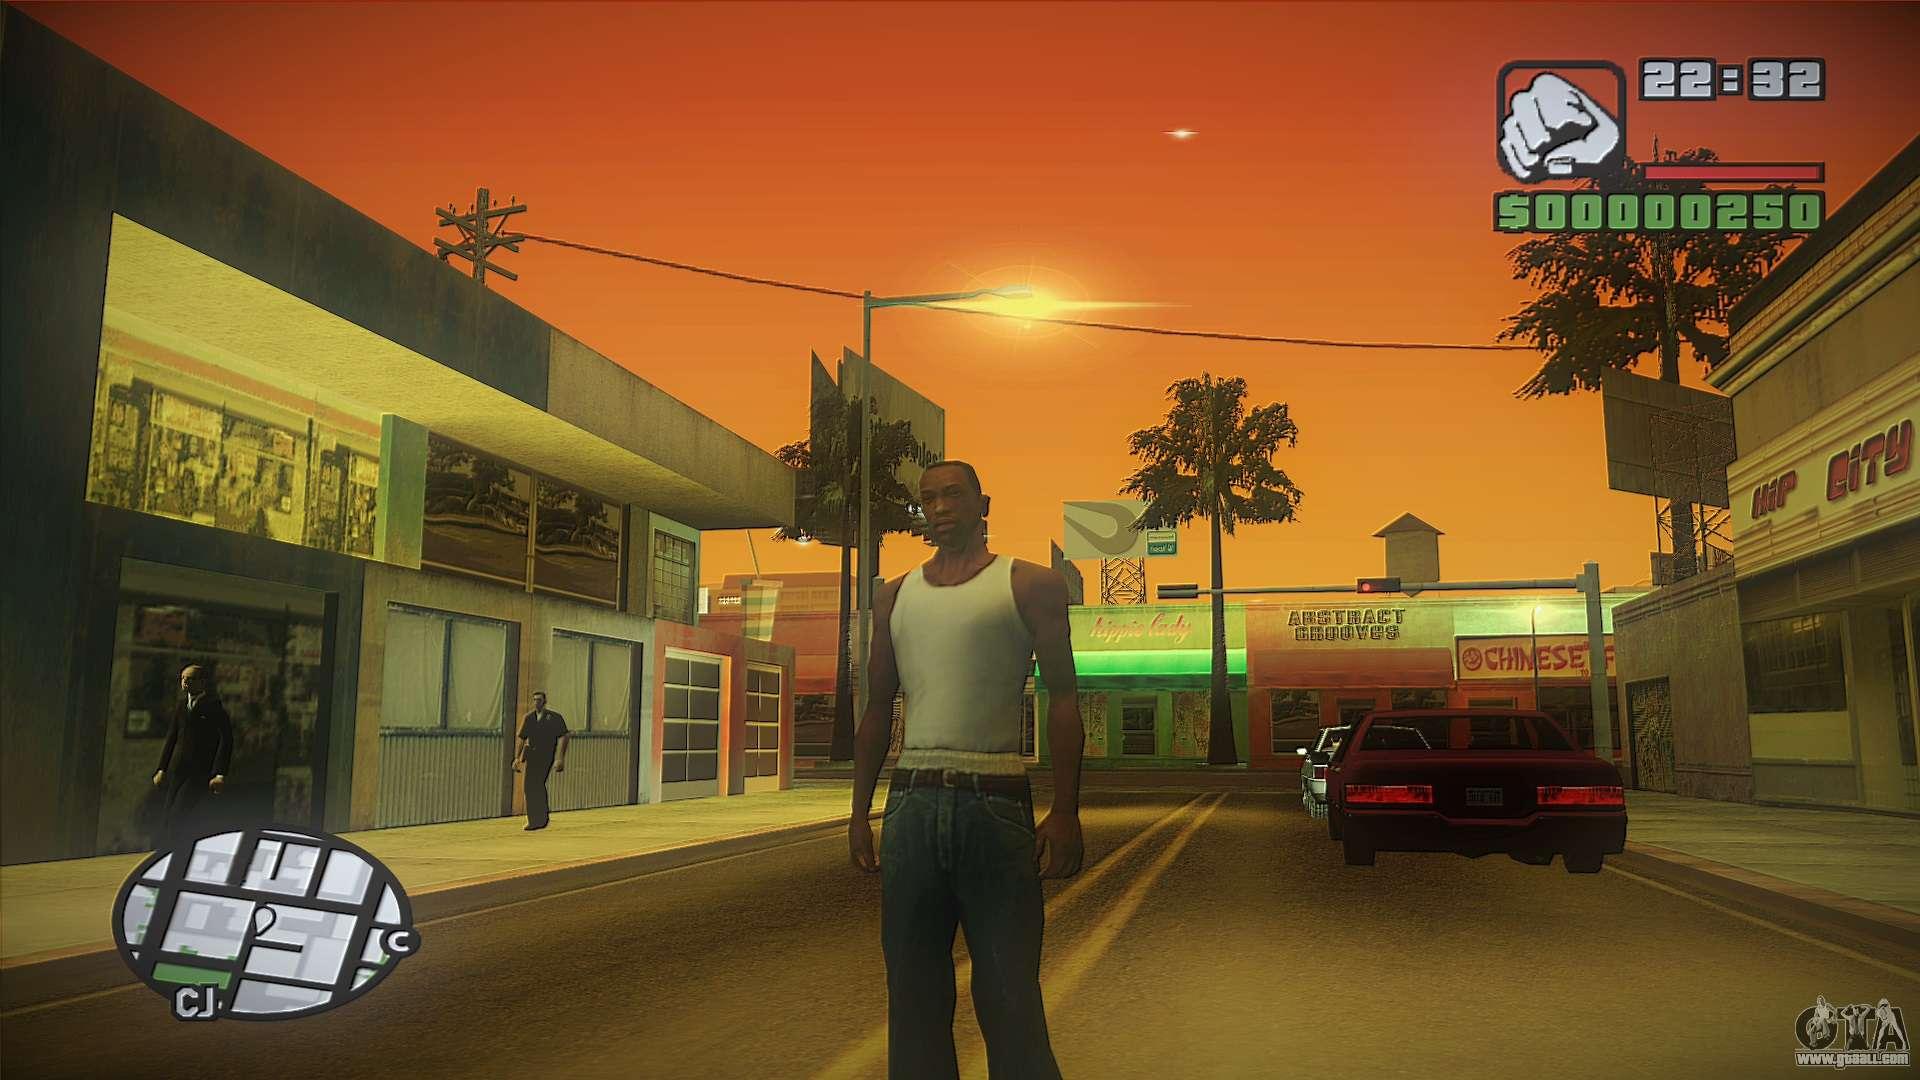 Gta San Andreas Wallpaper Hd Gta Hd Mod For Gta San Andreas